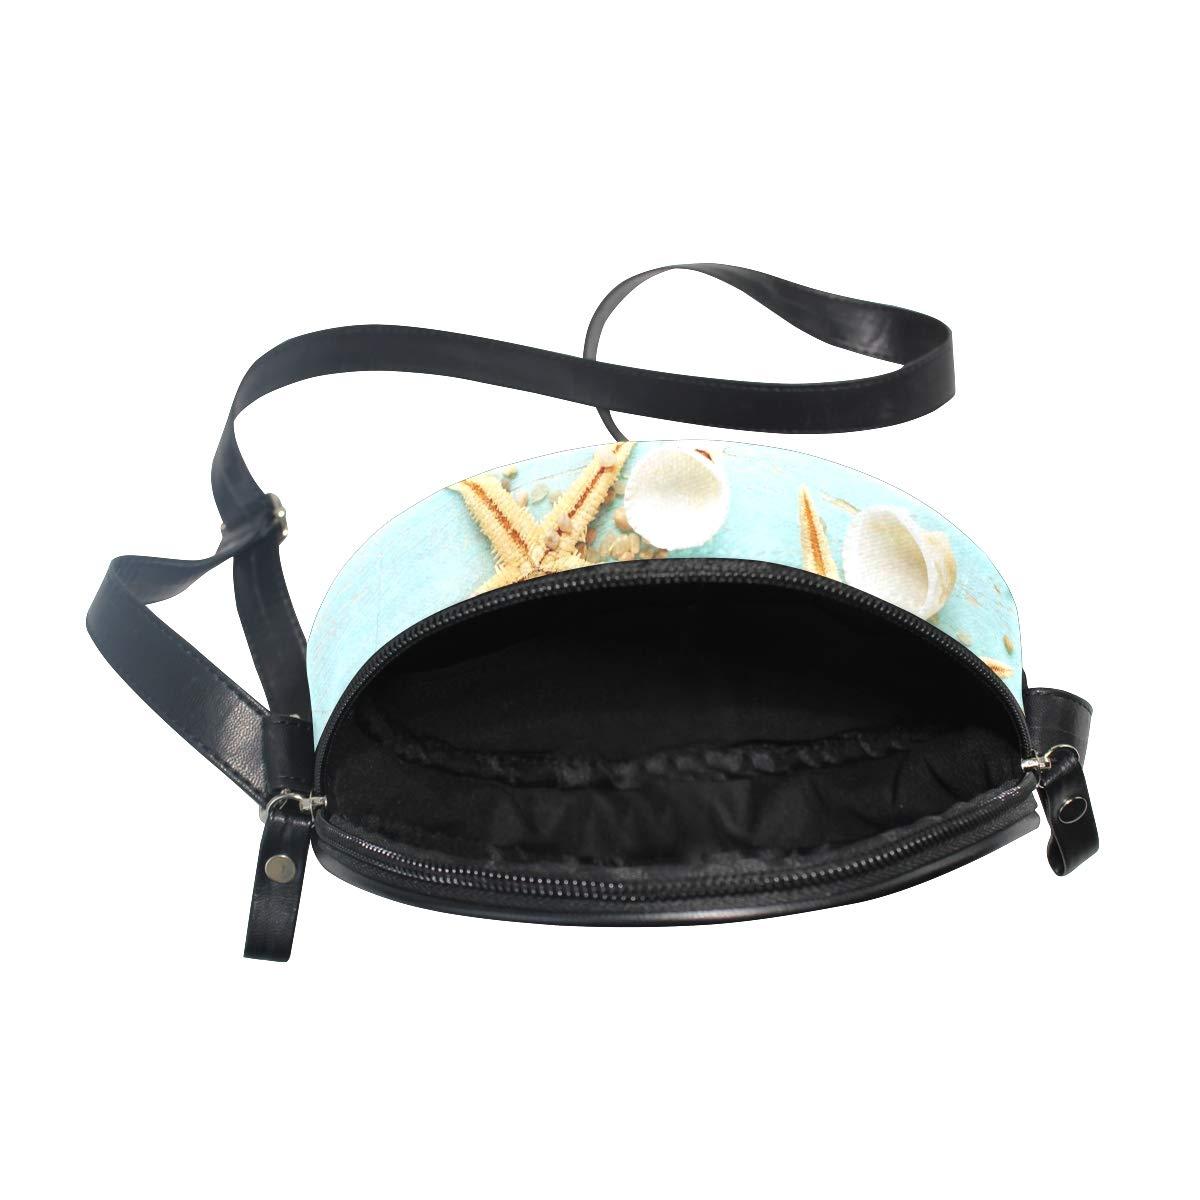 KEAKIA Starfish Round Crossbody Bag Shoulder Sling Bag Handbag Purse Satchel Shoulder Bag for Kids Women